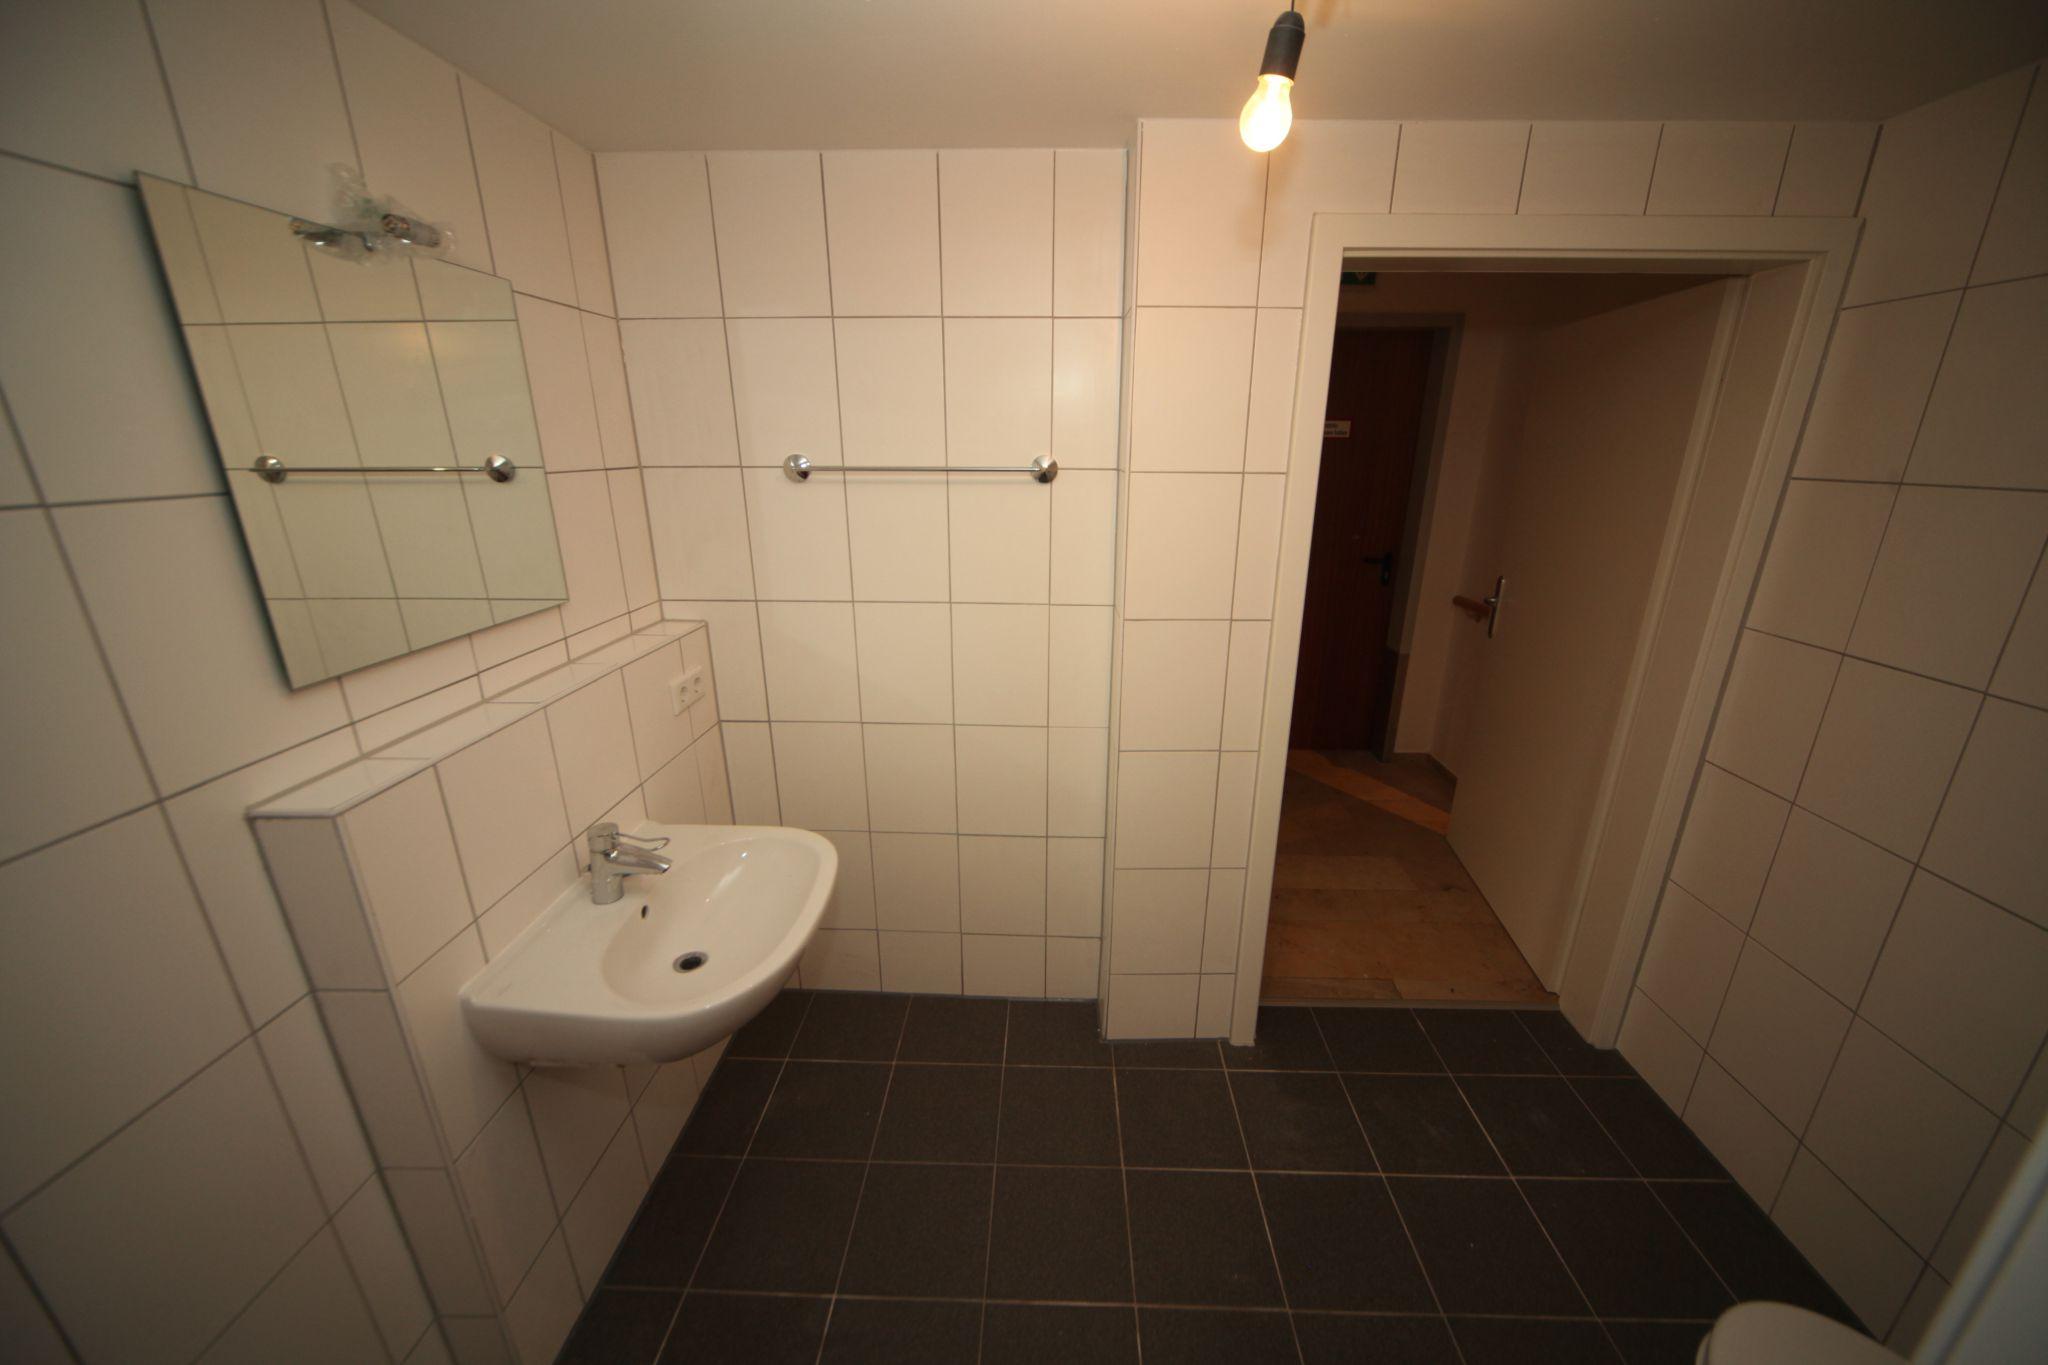 pflegeheim badsanierung nachher 3 sanieren in augsburg. Black Bedroom Furniture Sets. Home Design Ideas